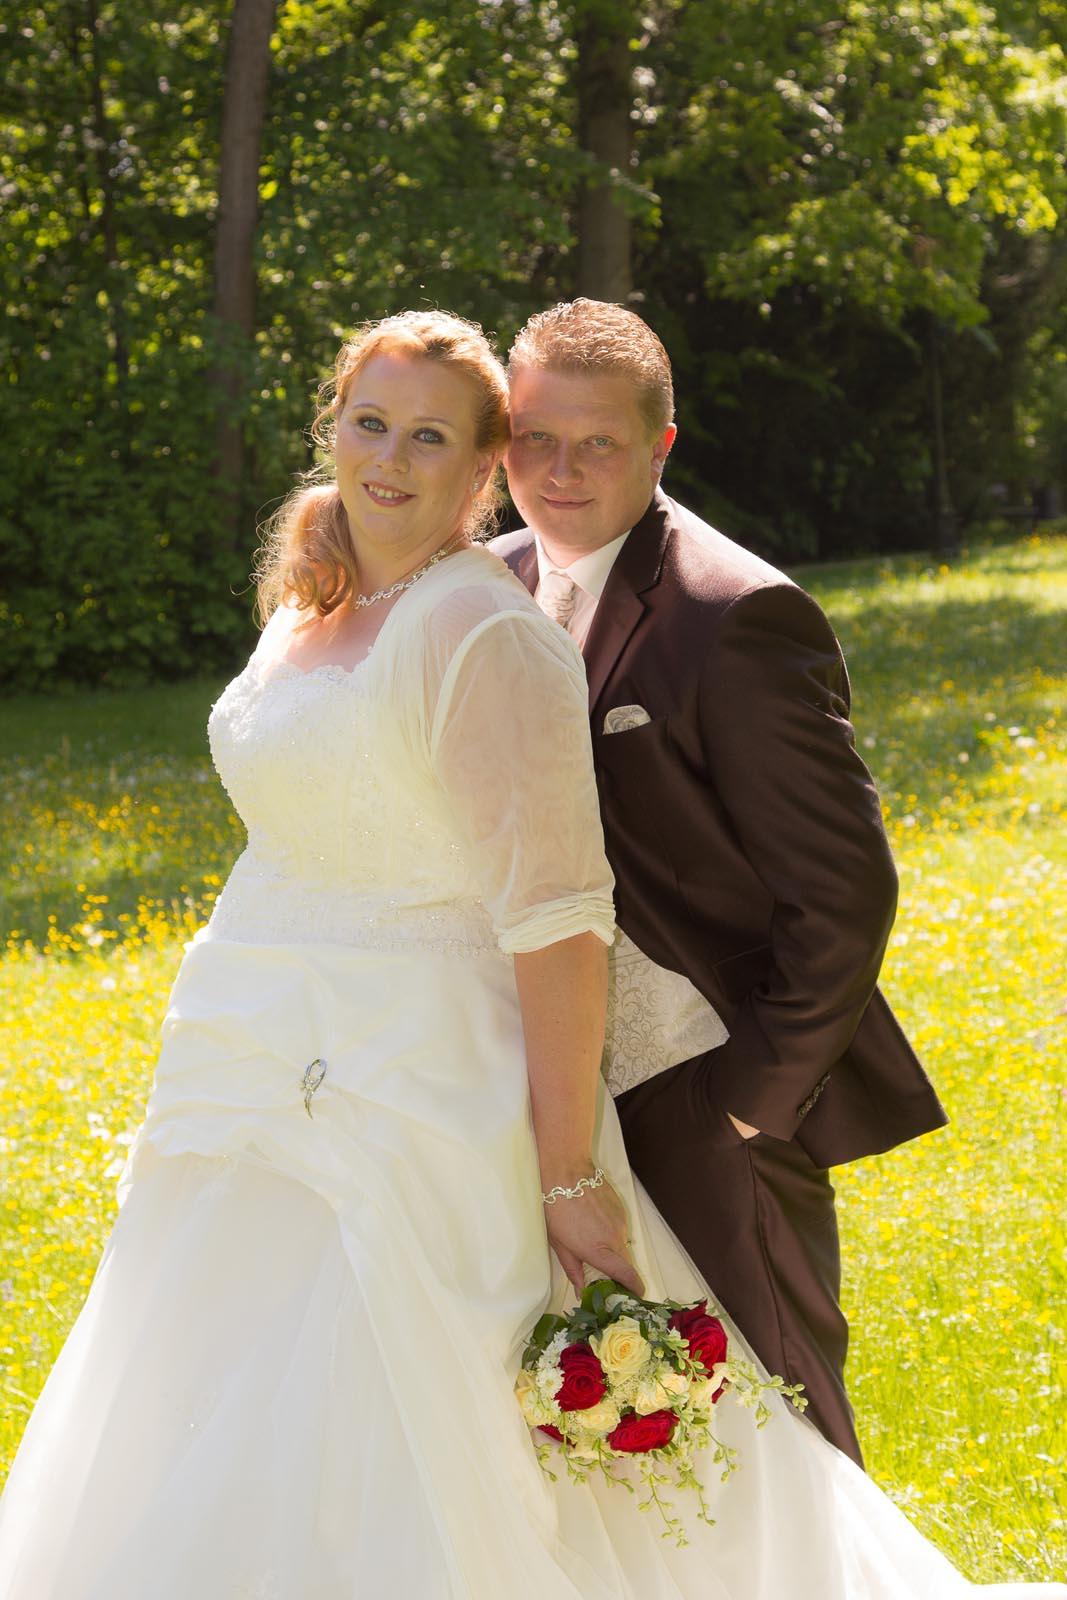 Hochzeitportraits-Reck-Hochzeit-Reck-6598.jpg